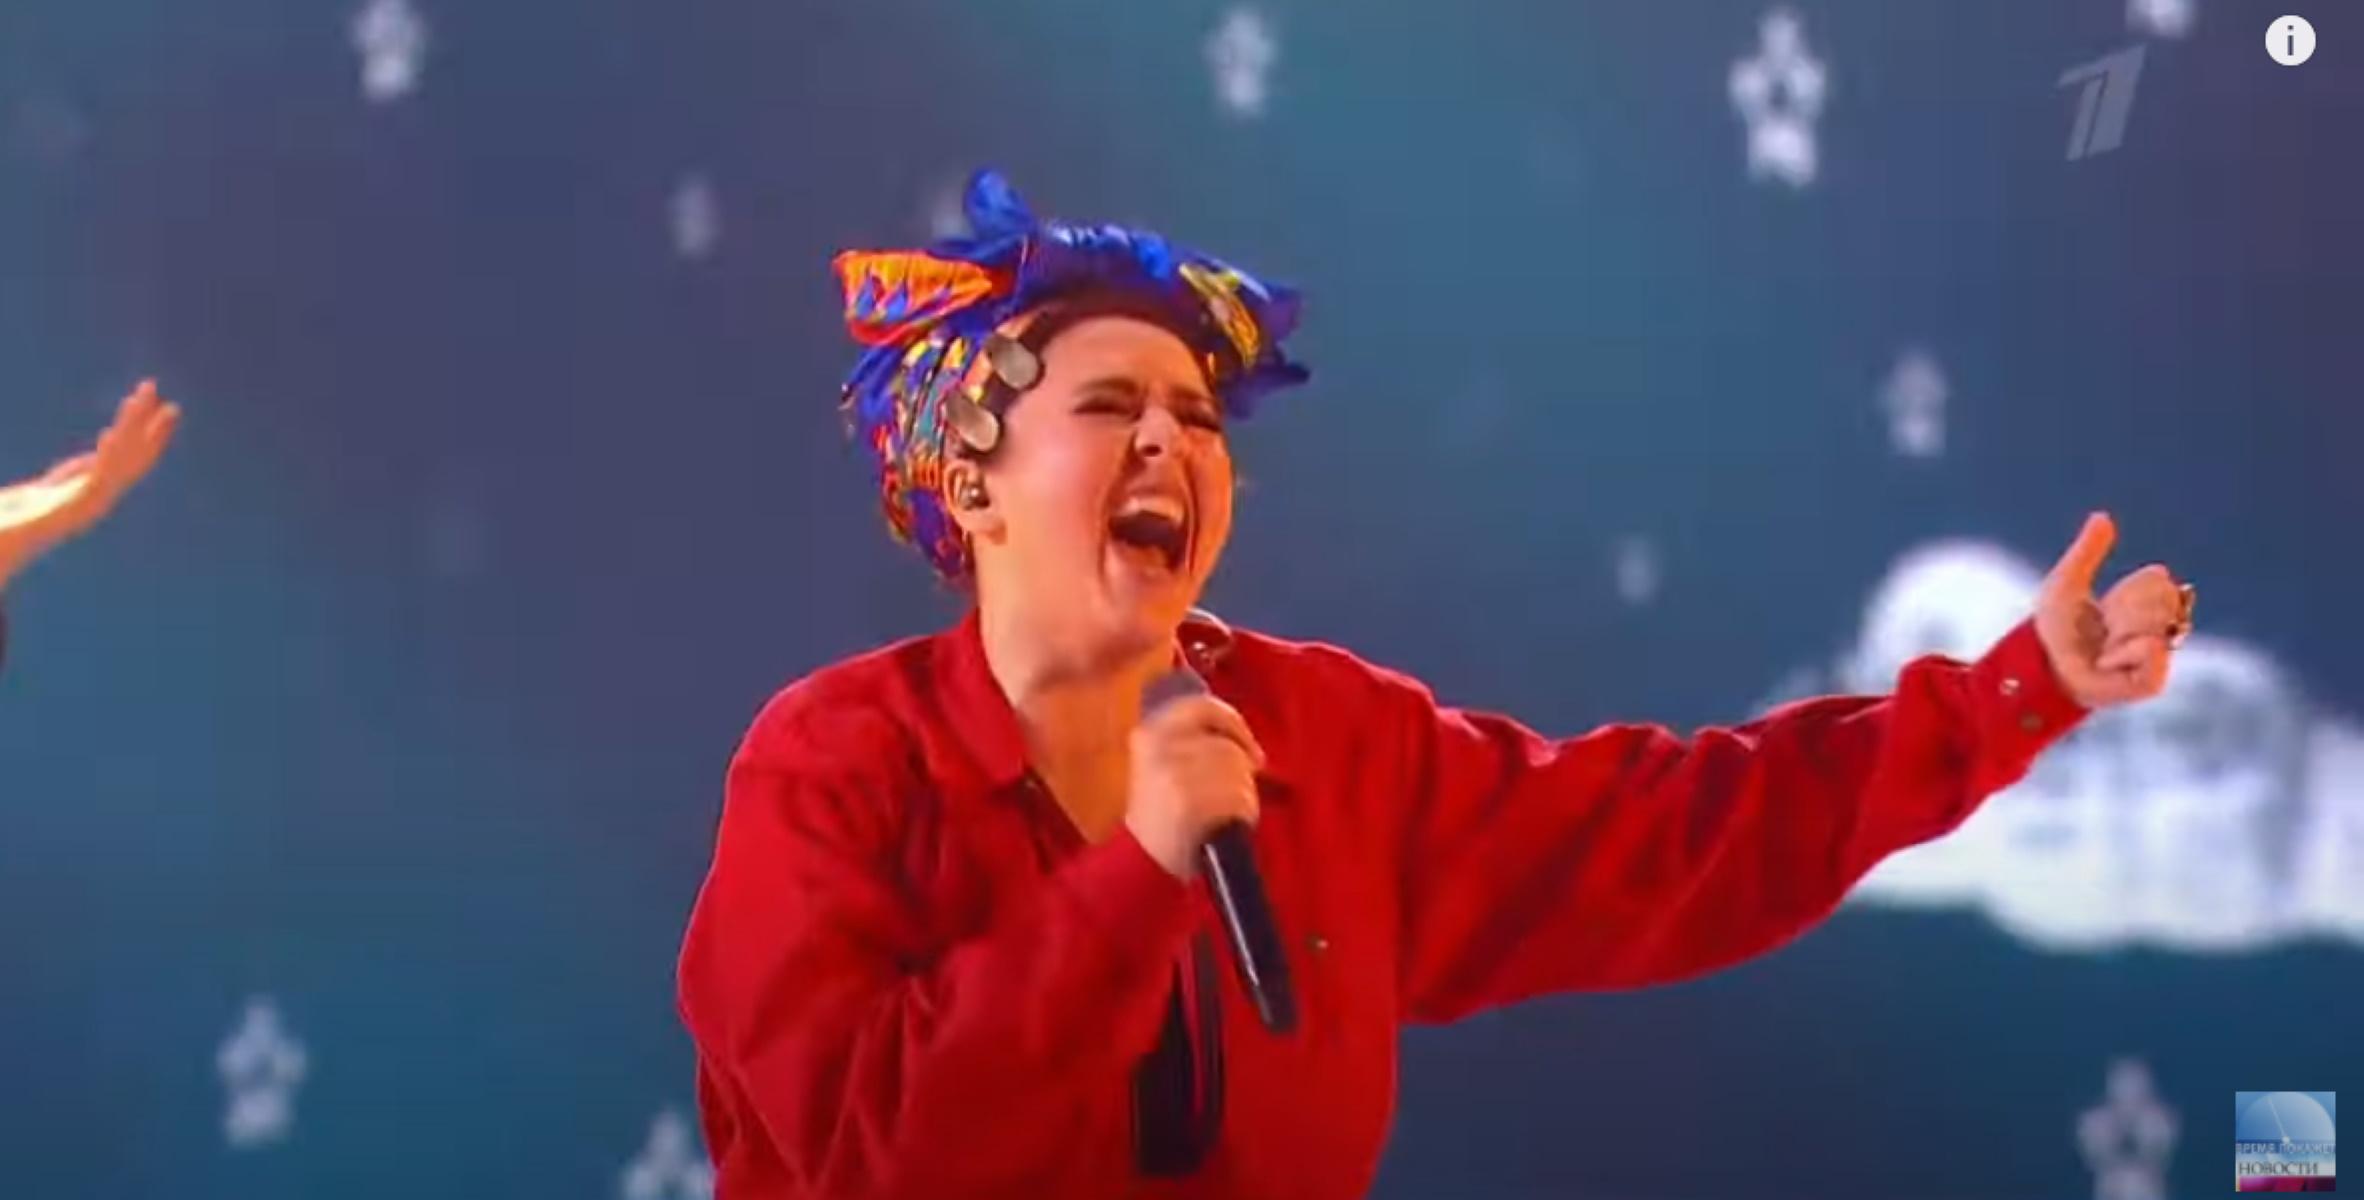 Eurovision 2021: Με ανατρεπτική επιλογή η Ρωσία στον διαγωνισμό – Ποια θα την εκπροσωπήσει (video)